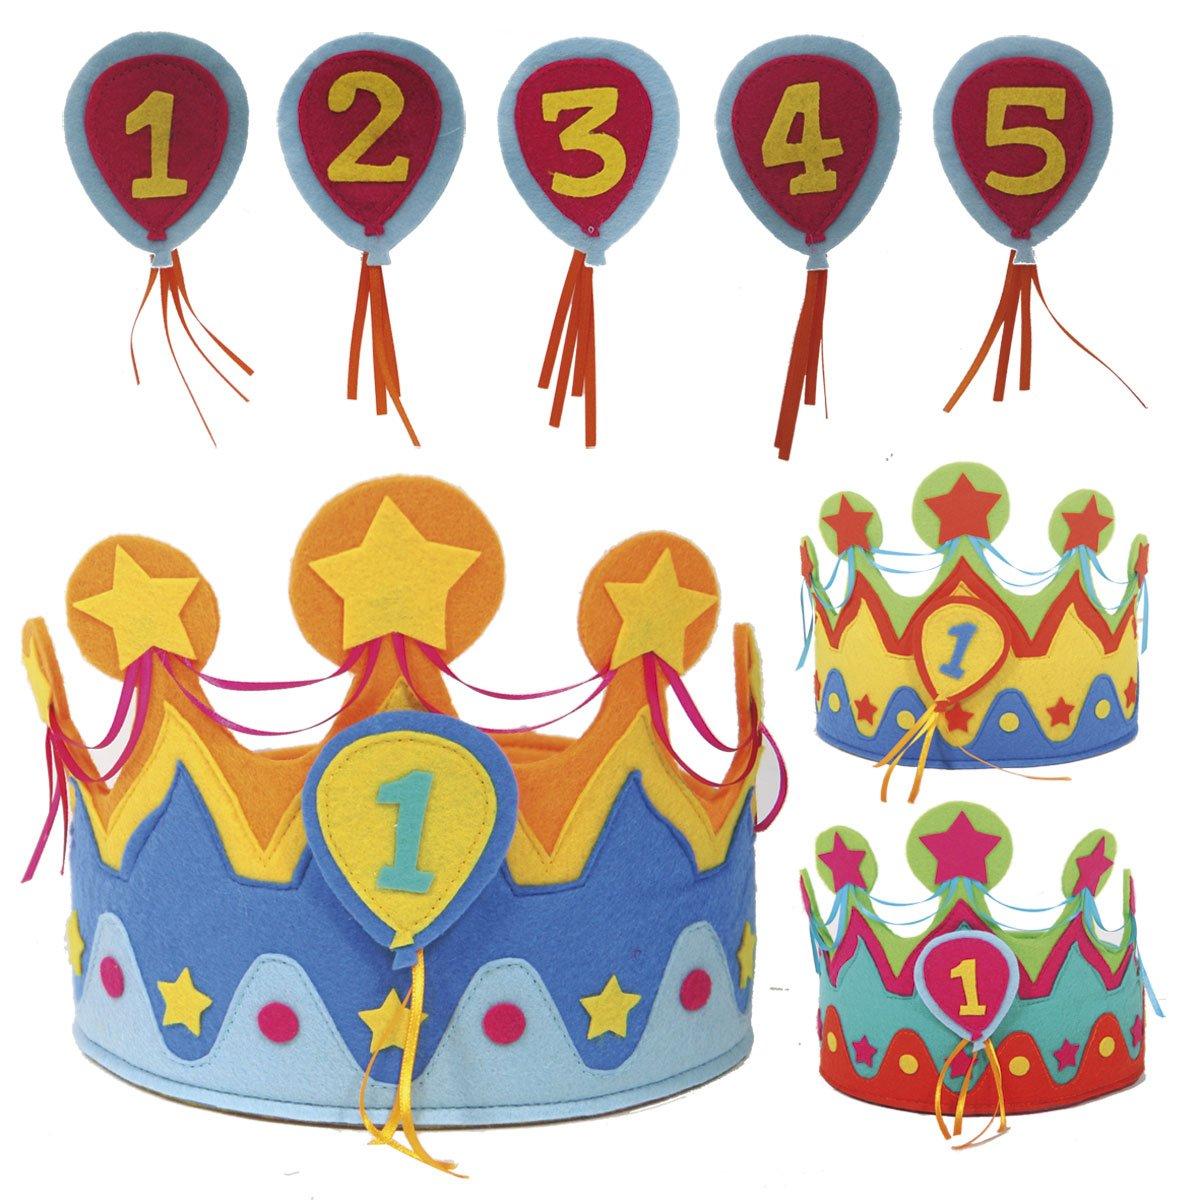 Kinder Geburtstags Krone Für Jungs U0026 Mädchen Mit Auswechselbaren Zahlen Von  1   5 // Geburtstag Verkleidung Verkleiden Boy Girl Kinder Kindergeburtstag  ...